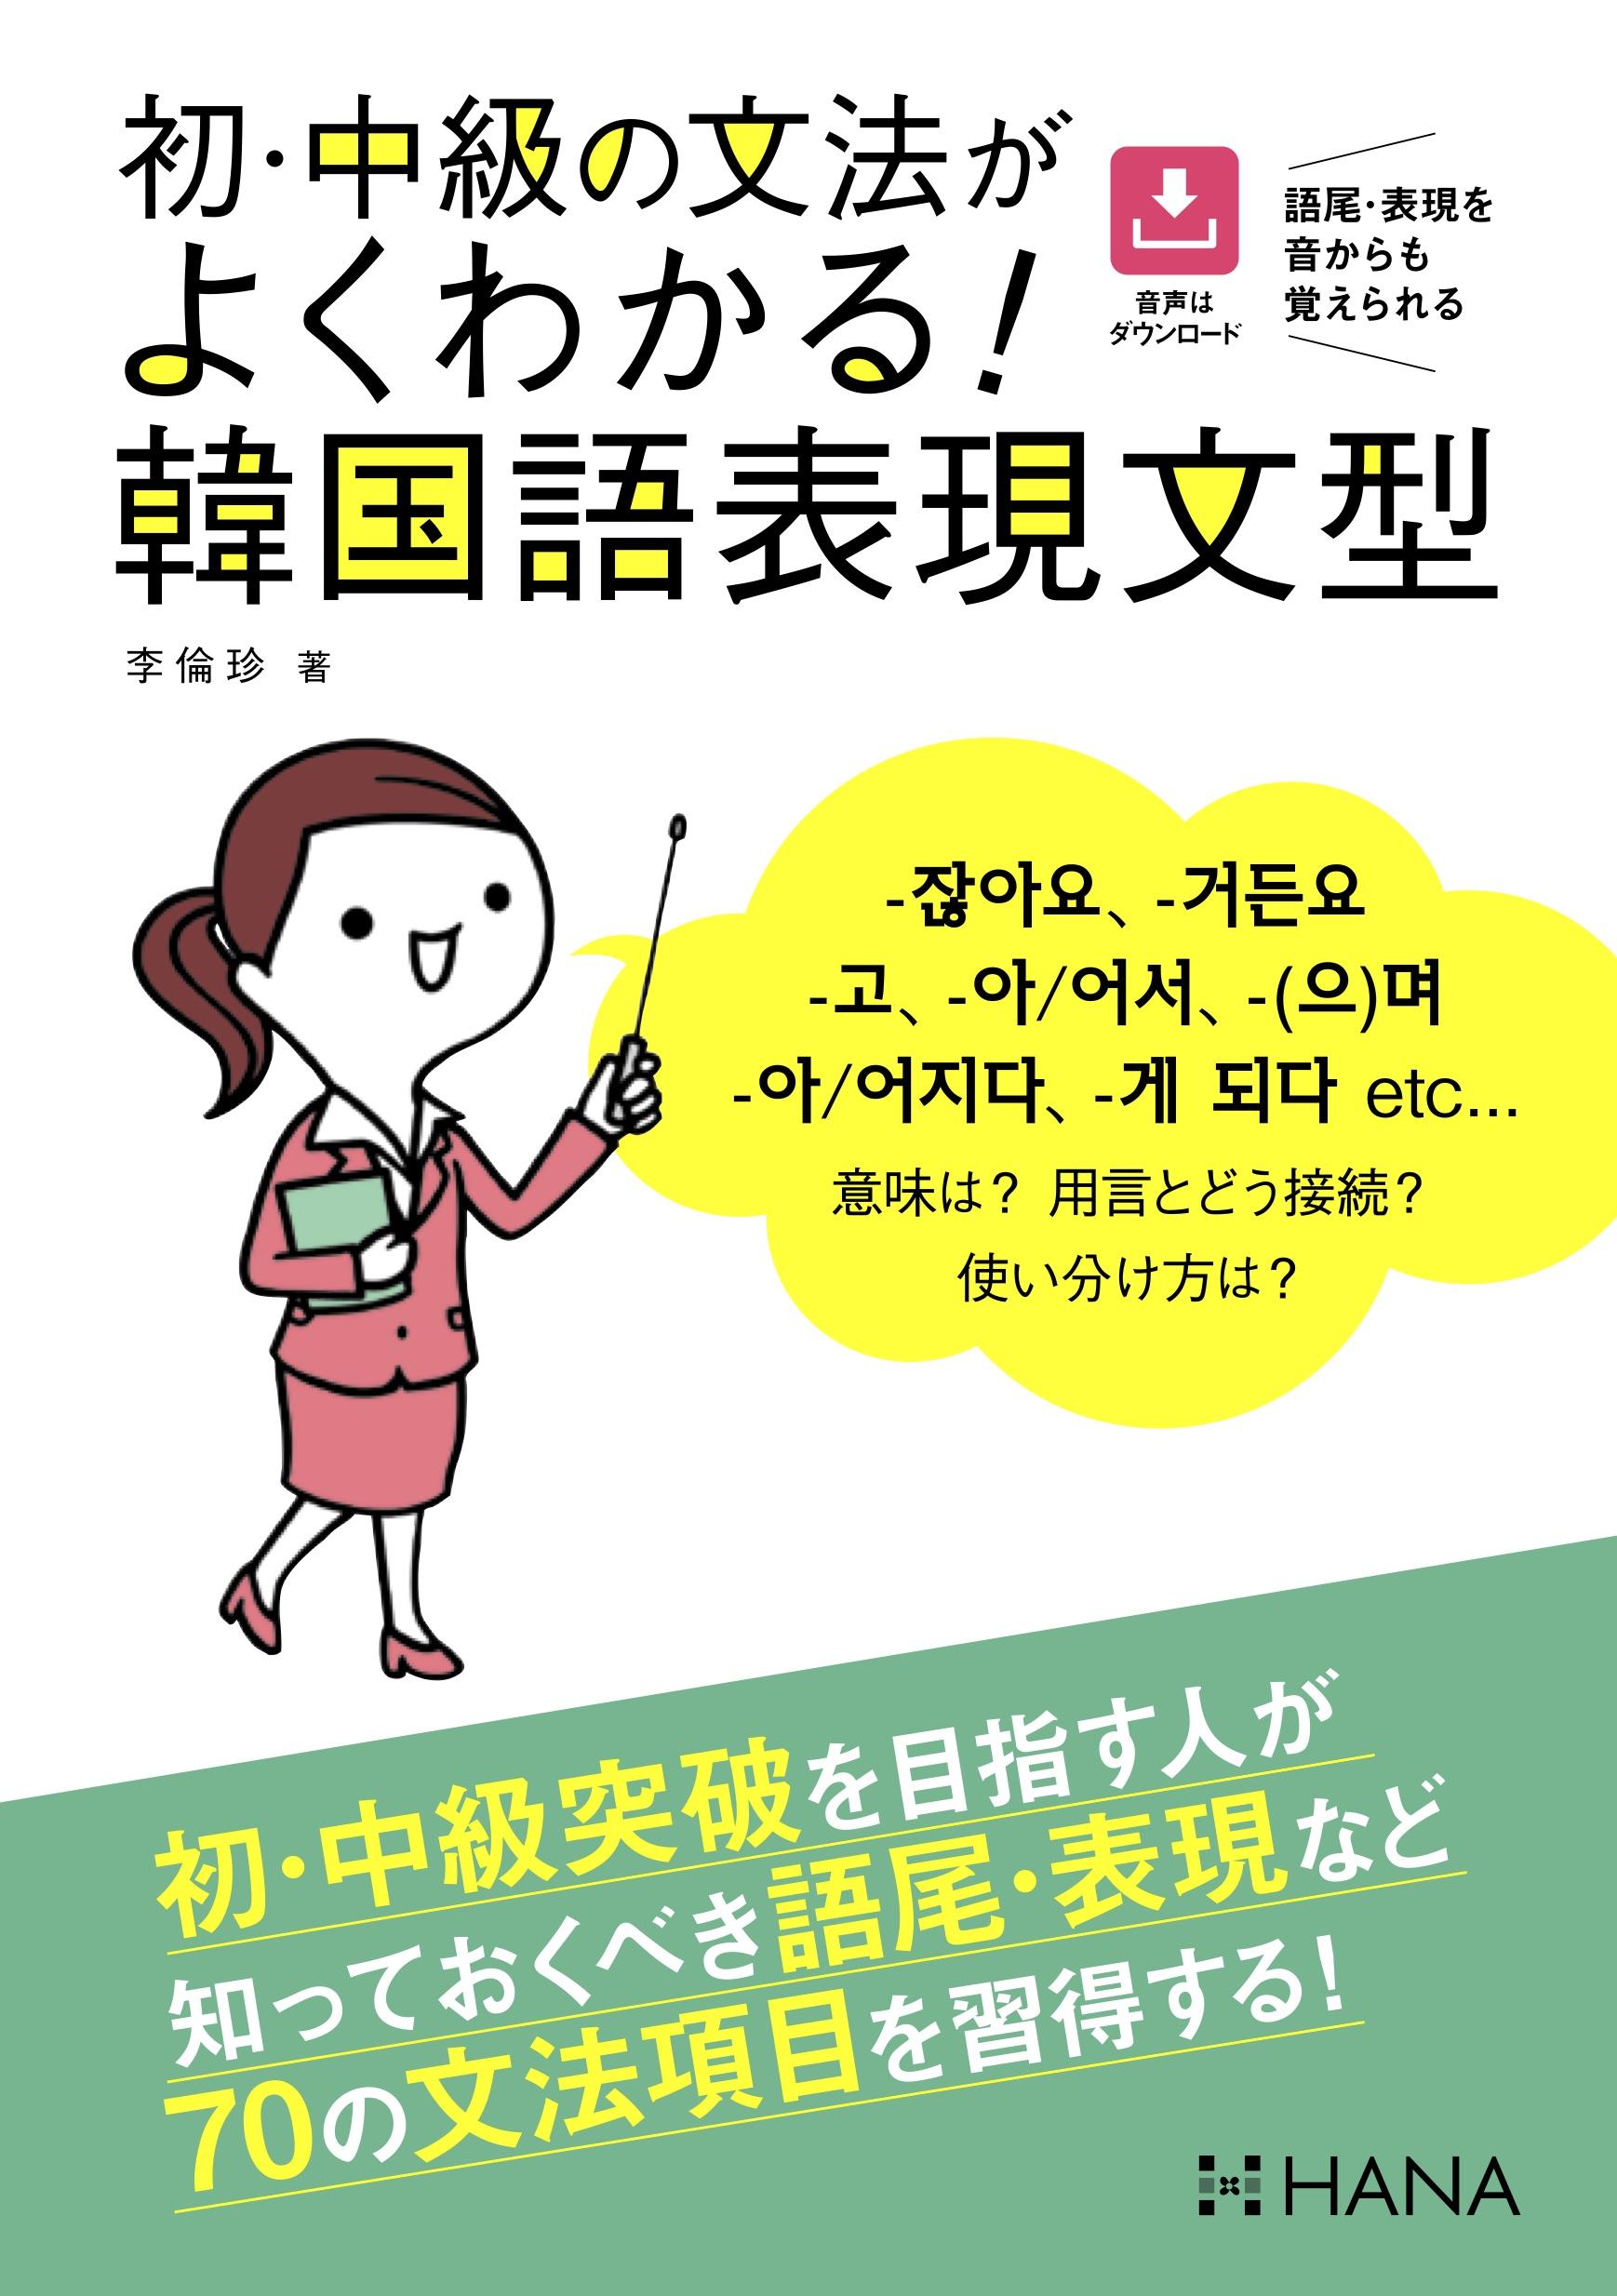 『初・中級の文法がよくわかる!韓国語表現文型』のイメージ